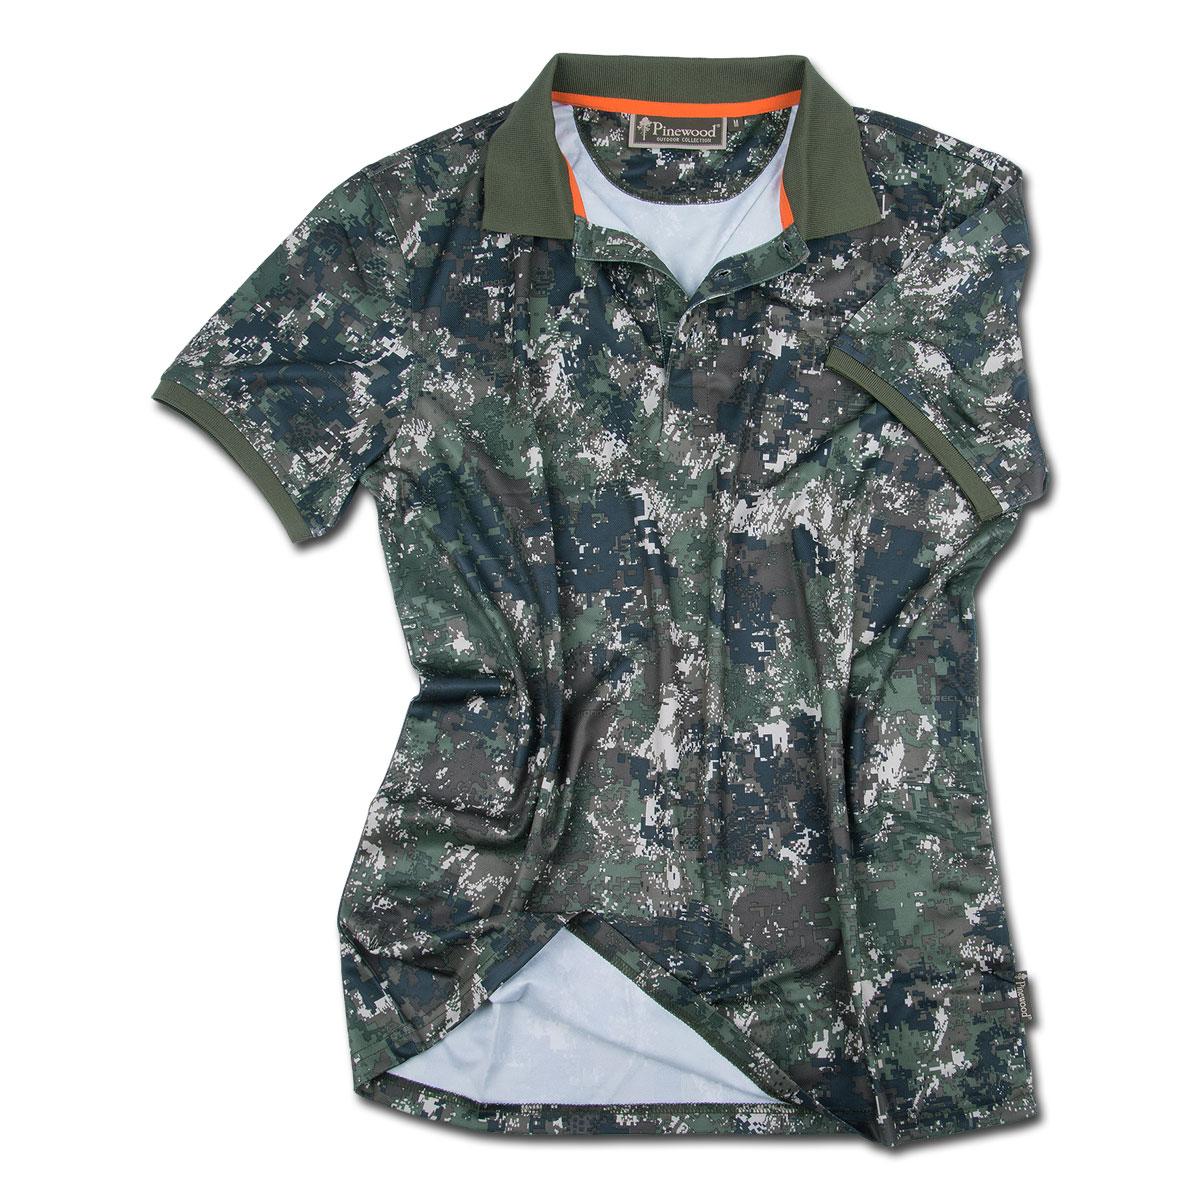 Pinewood Poloshirt Ramsey Coolmax Optima II im Pareyshop